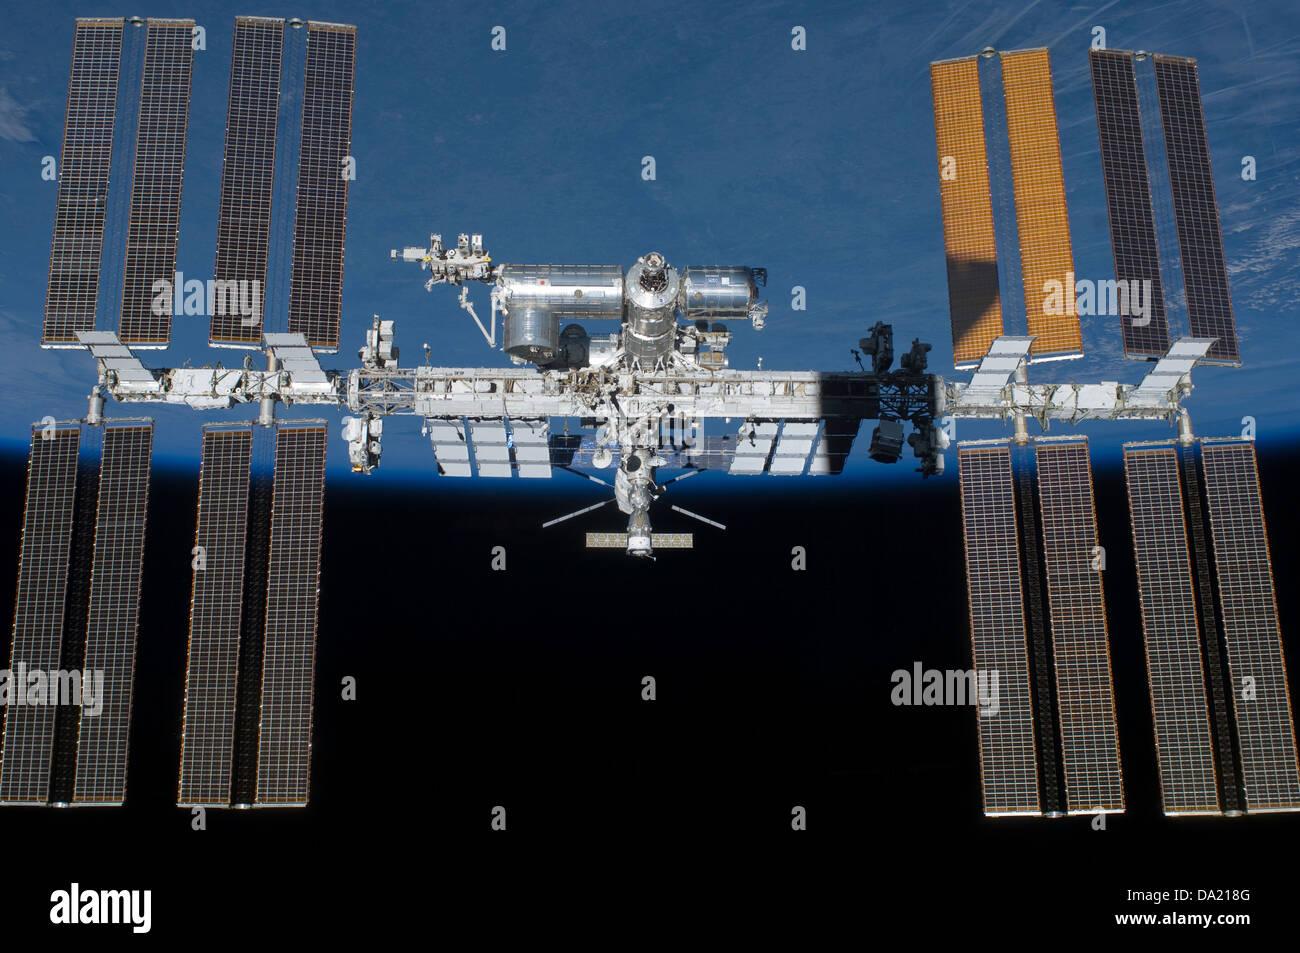 L'amélioration de l'image de l'ordinateur de la NASA La Station spatiale internationale (ISS), Photo Stock